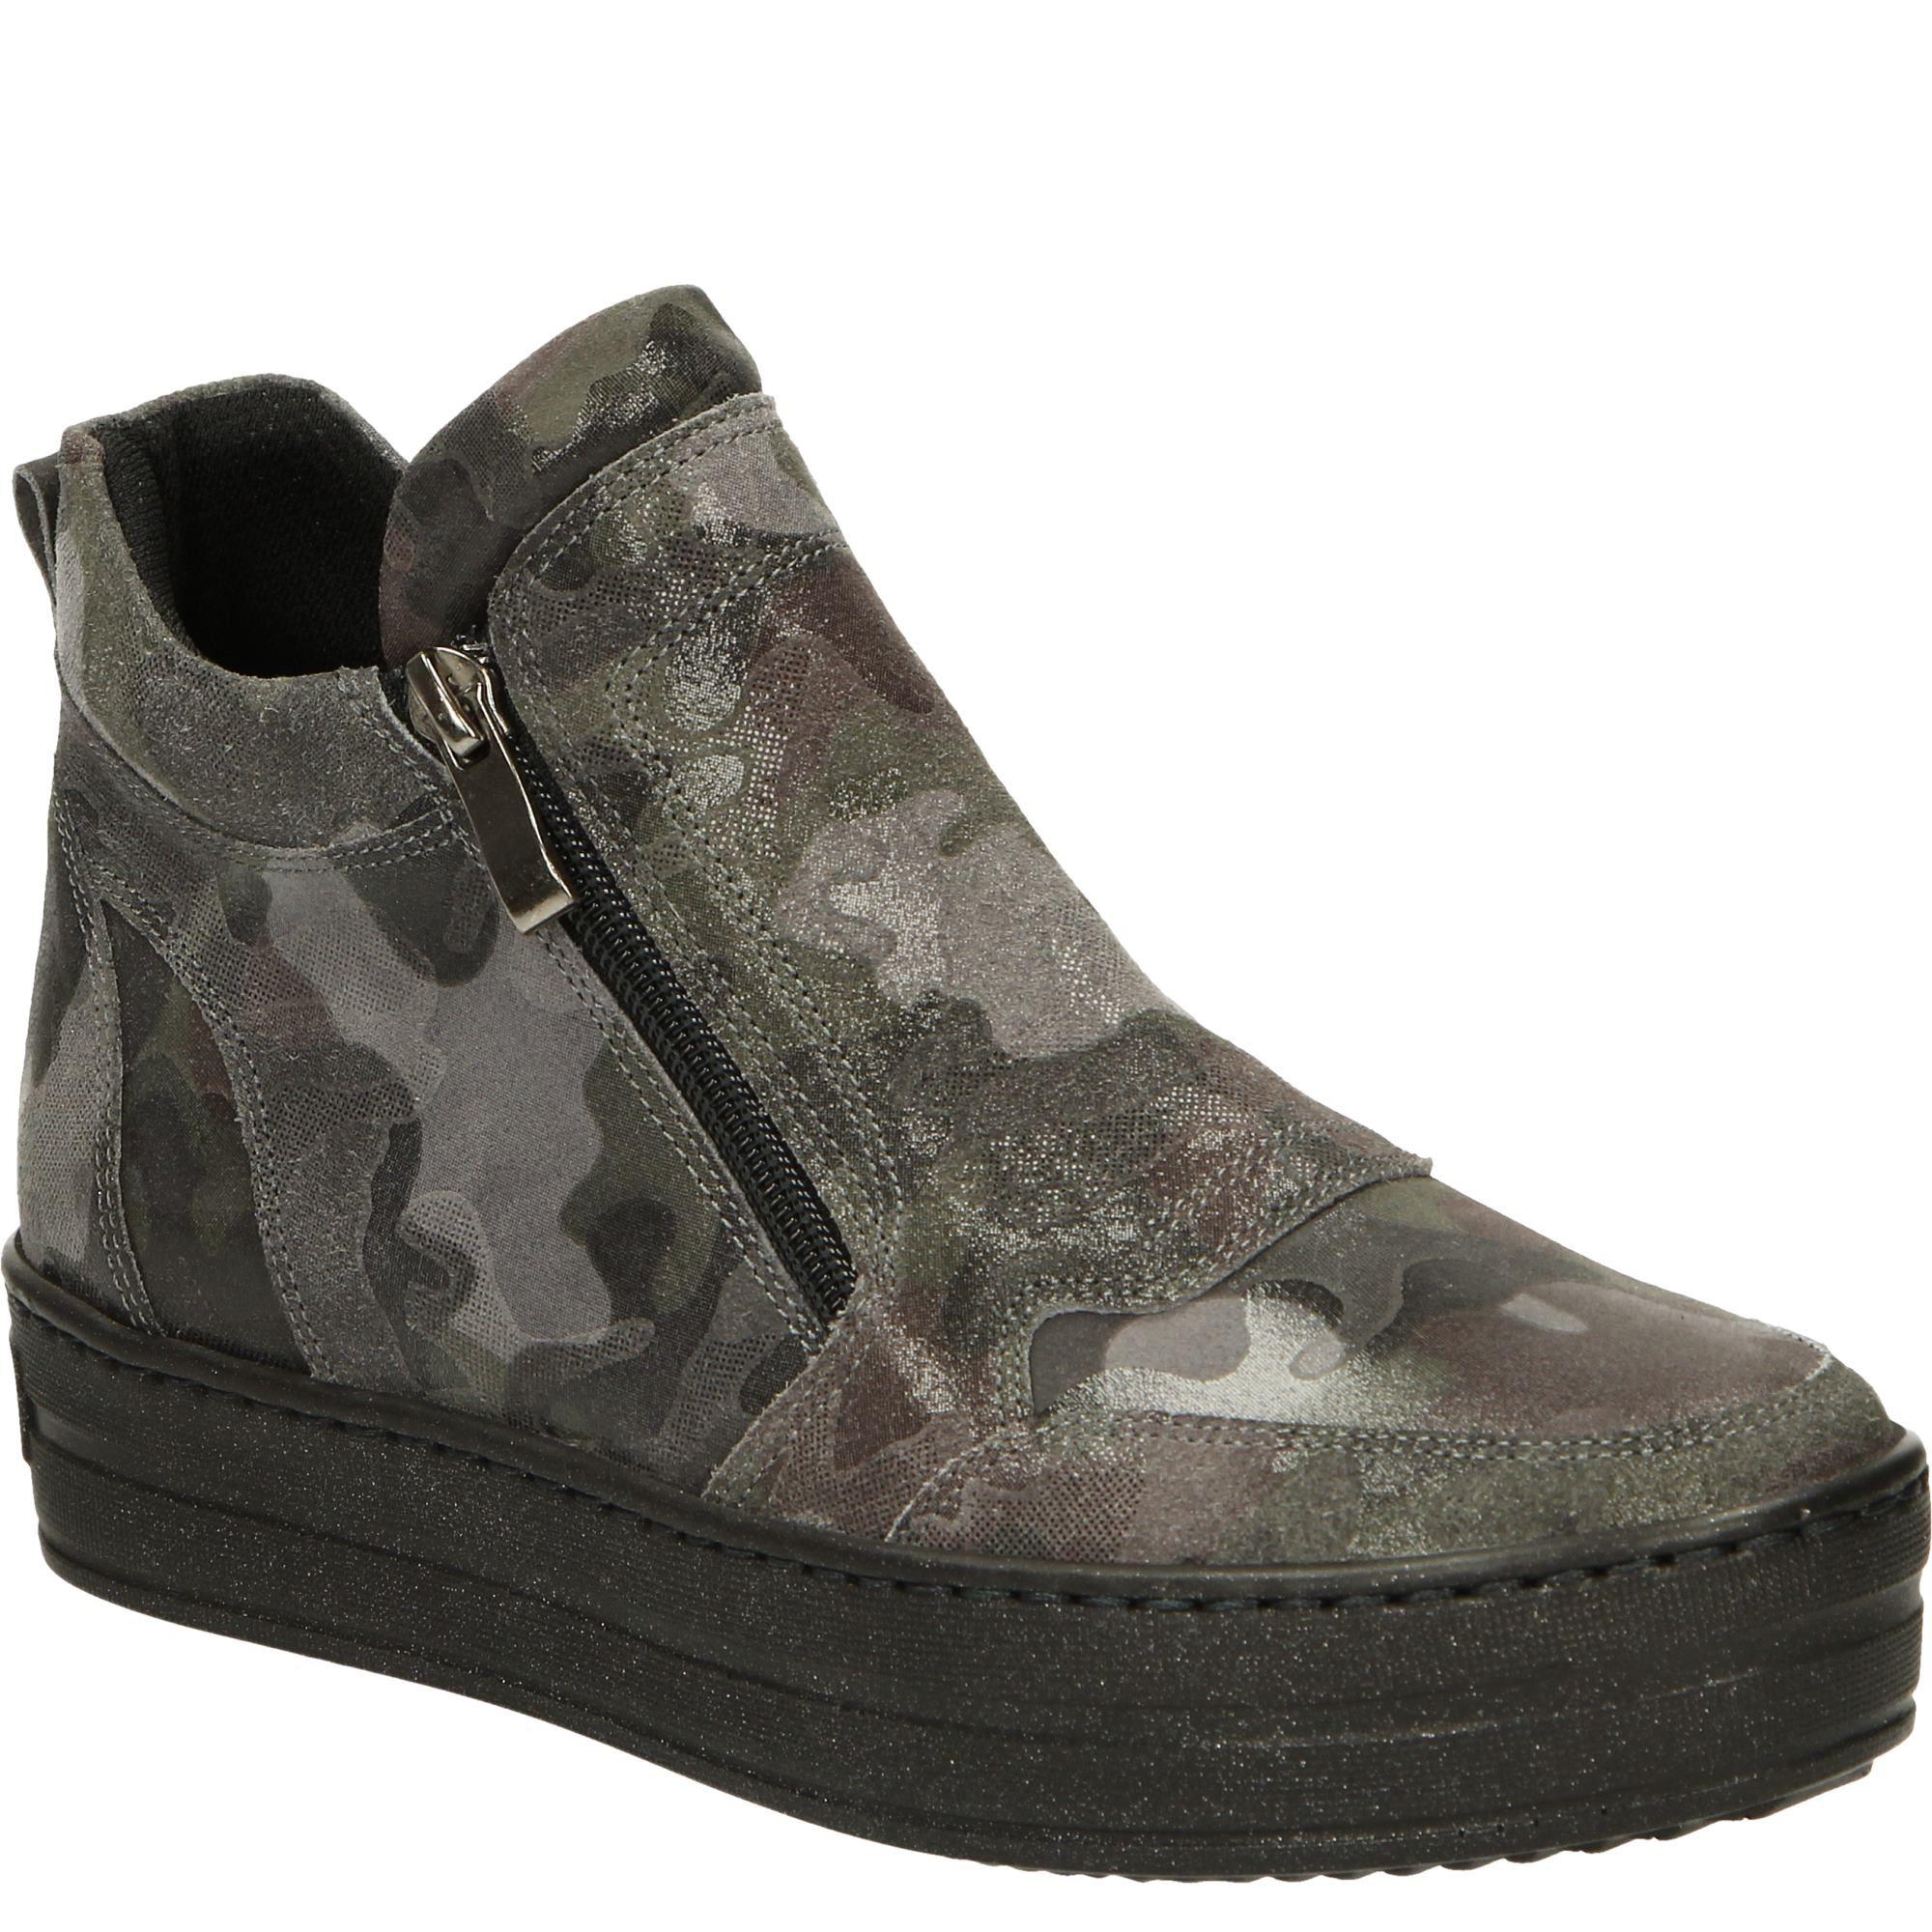 Botki Venezia Pl Skora Naturalna Moro Chelsea Boots Boots Shoes